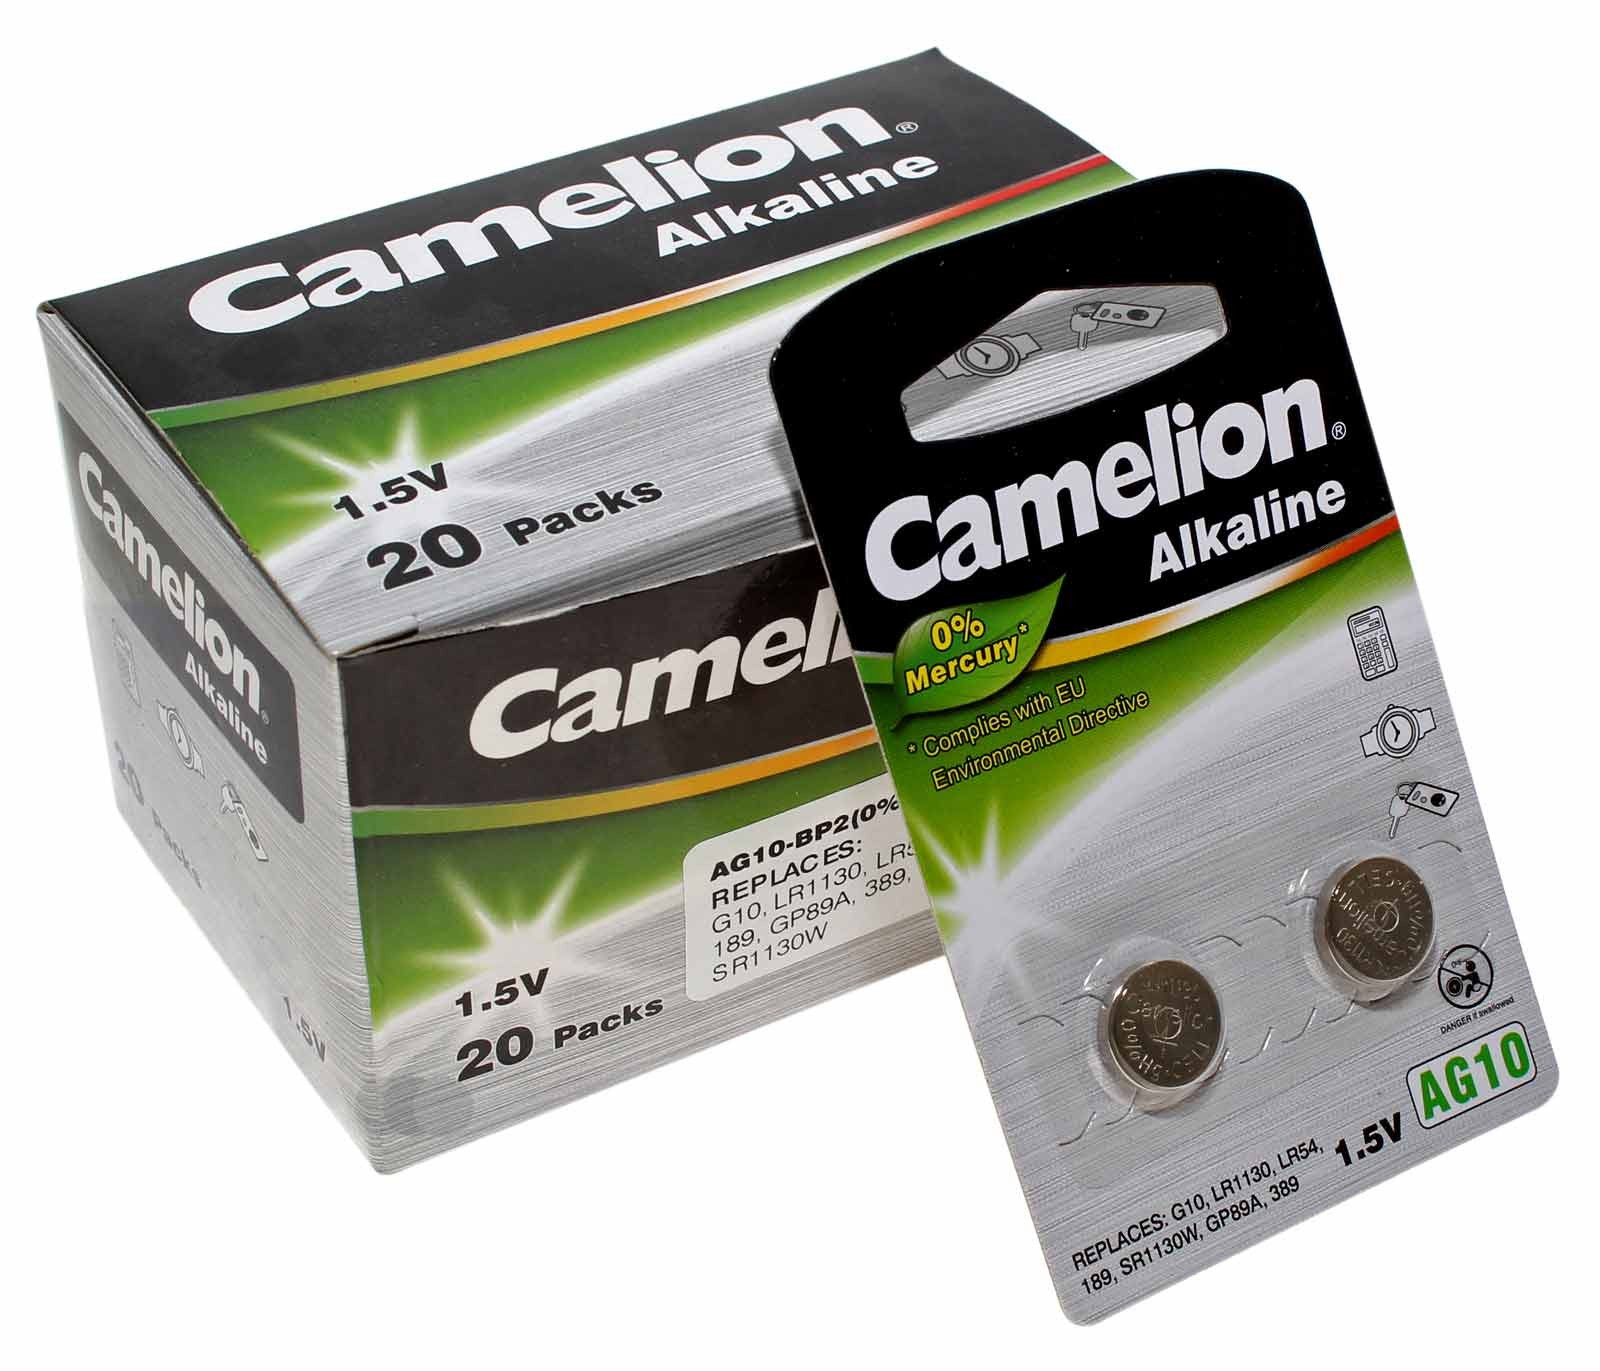 20x 2er Pack (40 Stk.) Camelion AG10 Alkaline Knopfzelle Batterie 1,5V, 80mAh, AG10-BP2, (0% Hg)